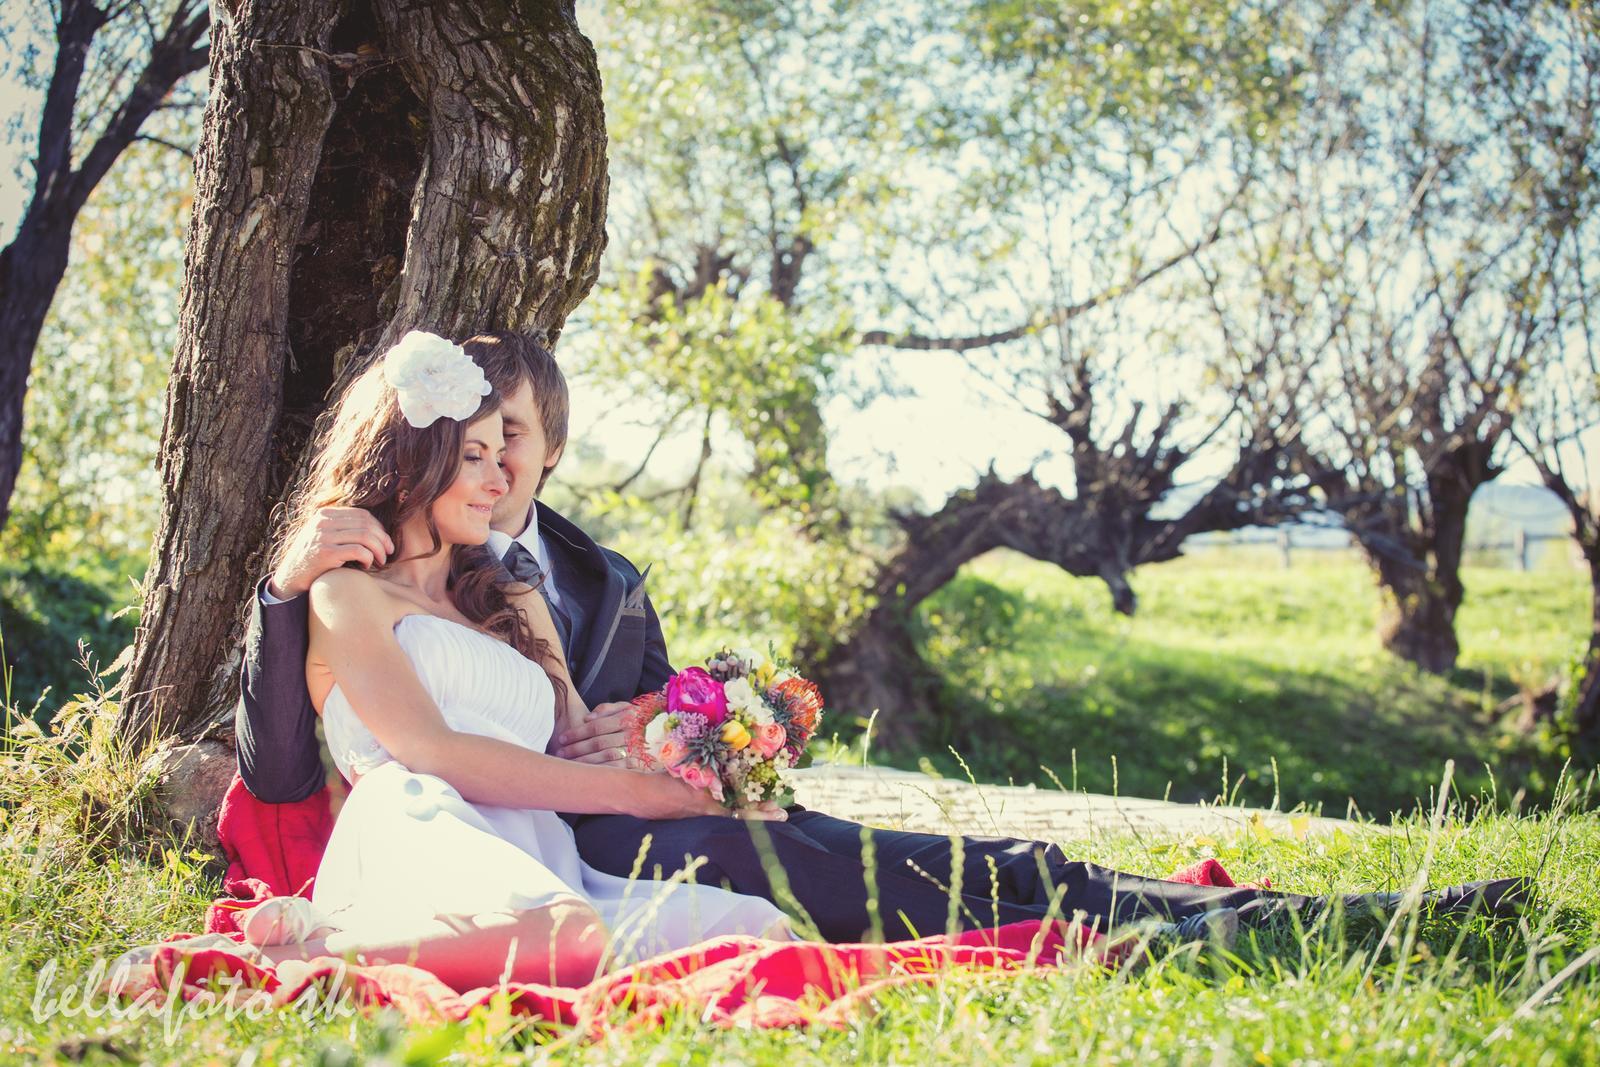 milujem originalne svadby ;-)... - Obrázok č. 3